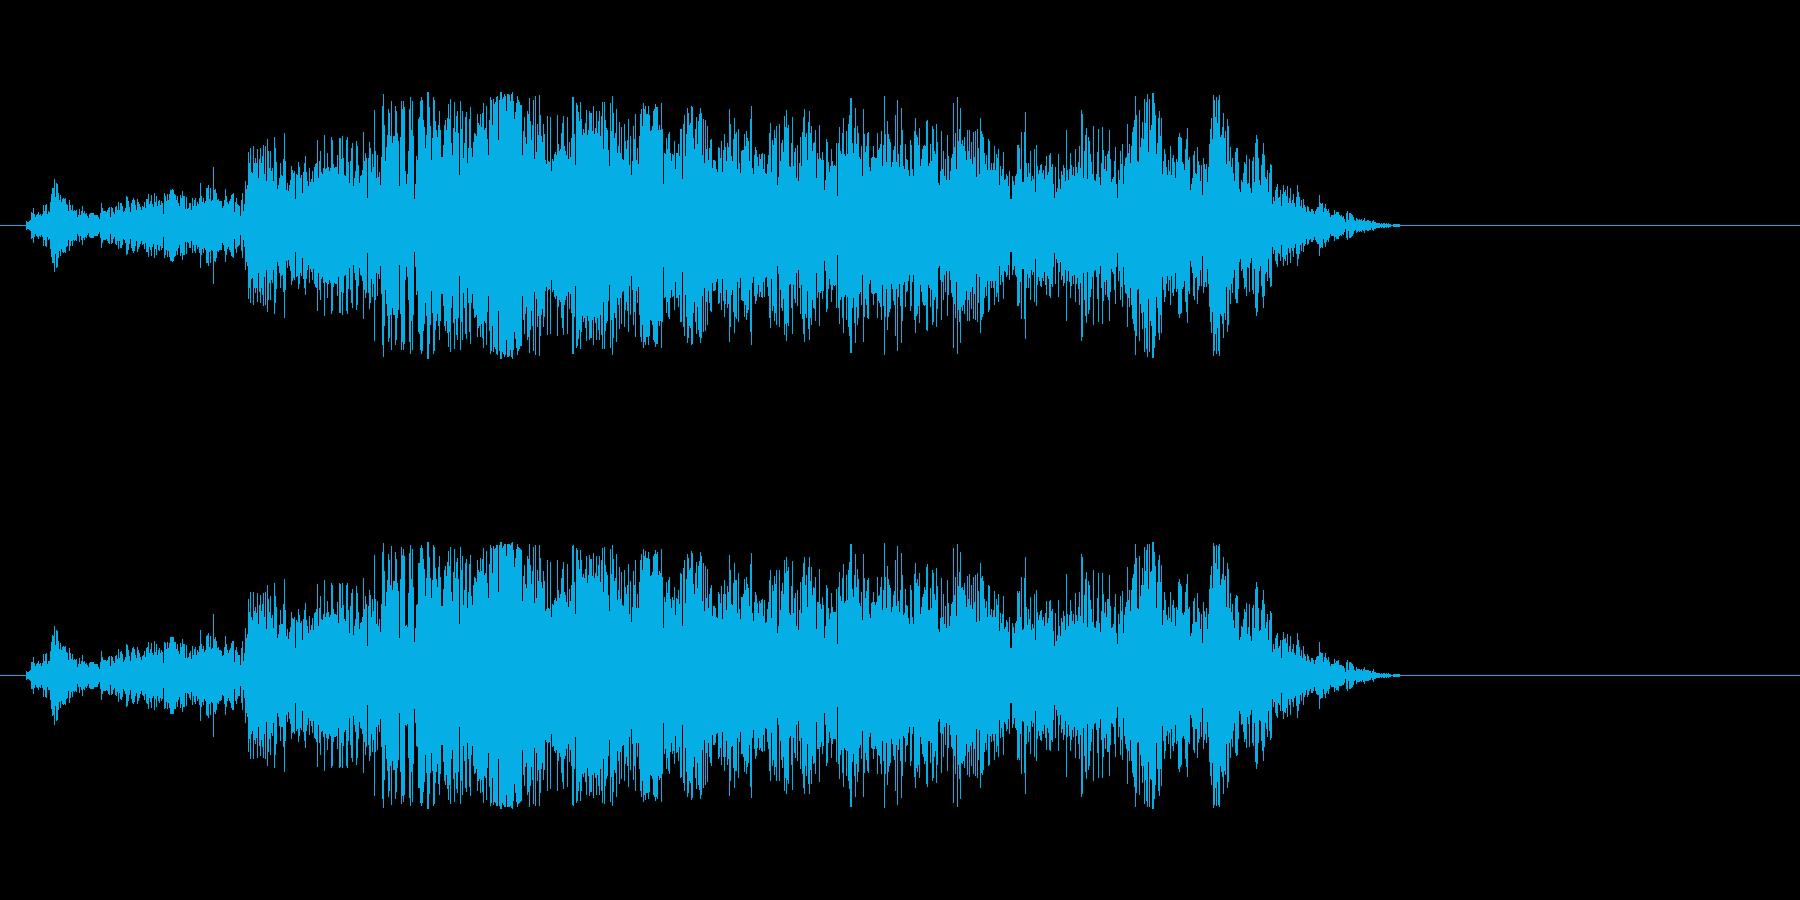 仕掛け・重い仕掛けを動かすの再生済みの波形